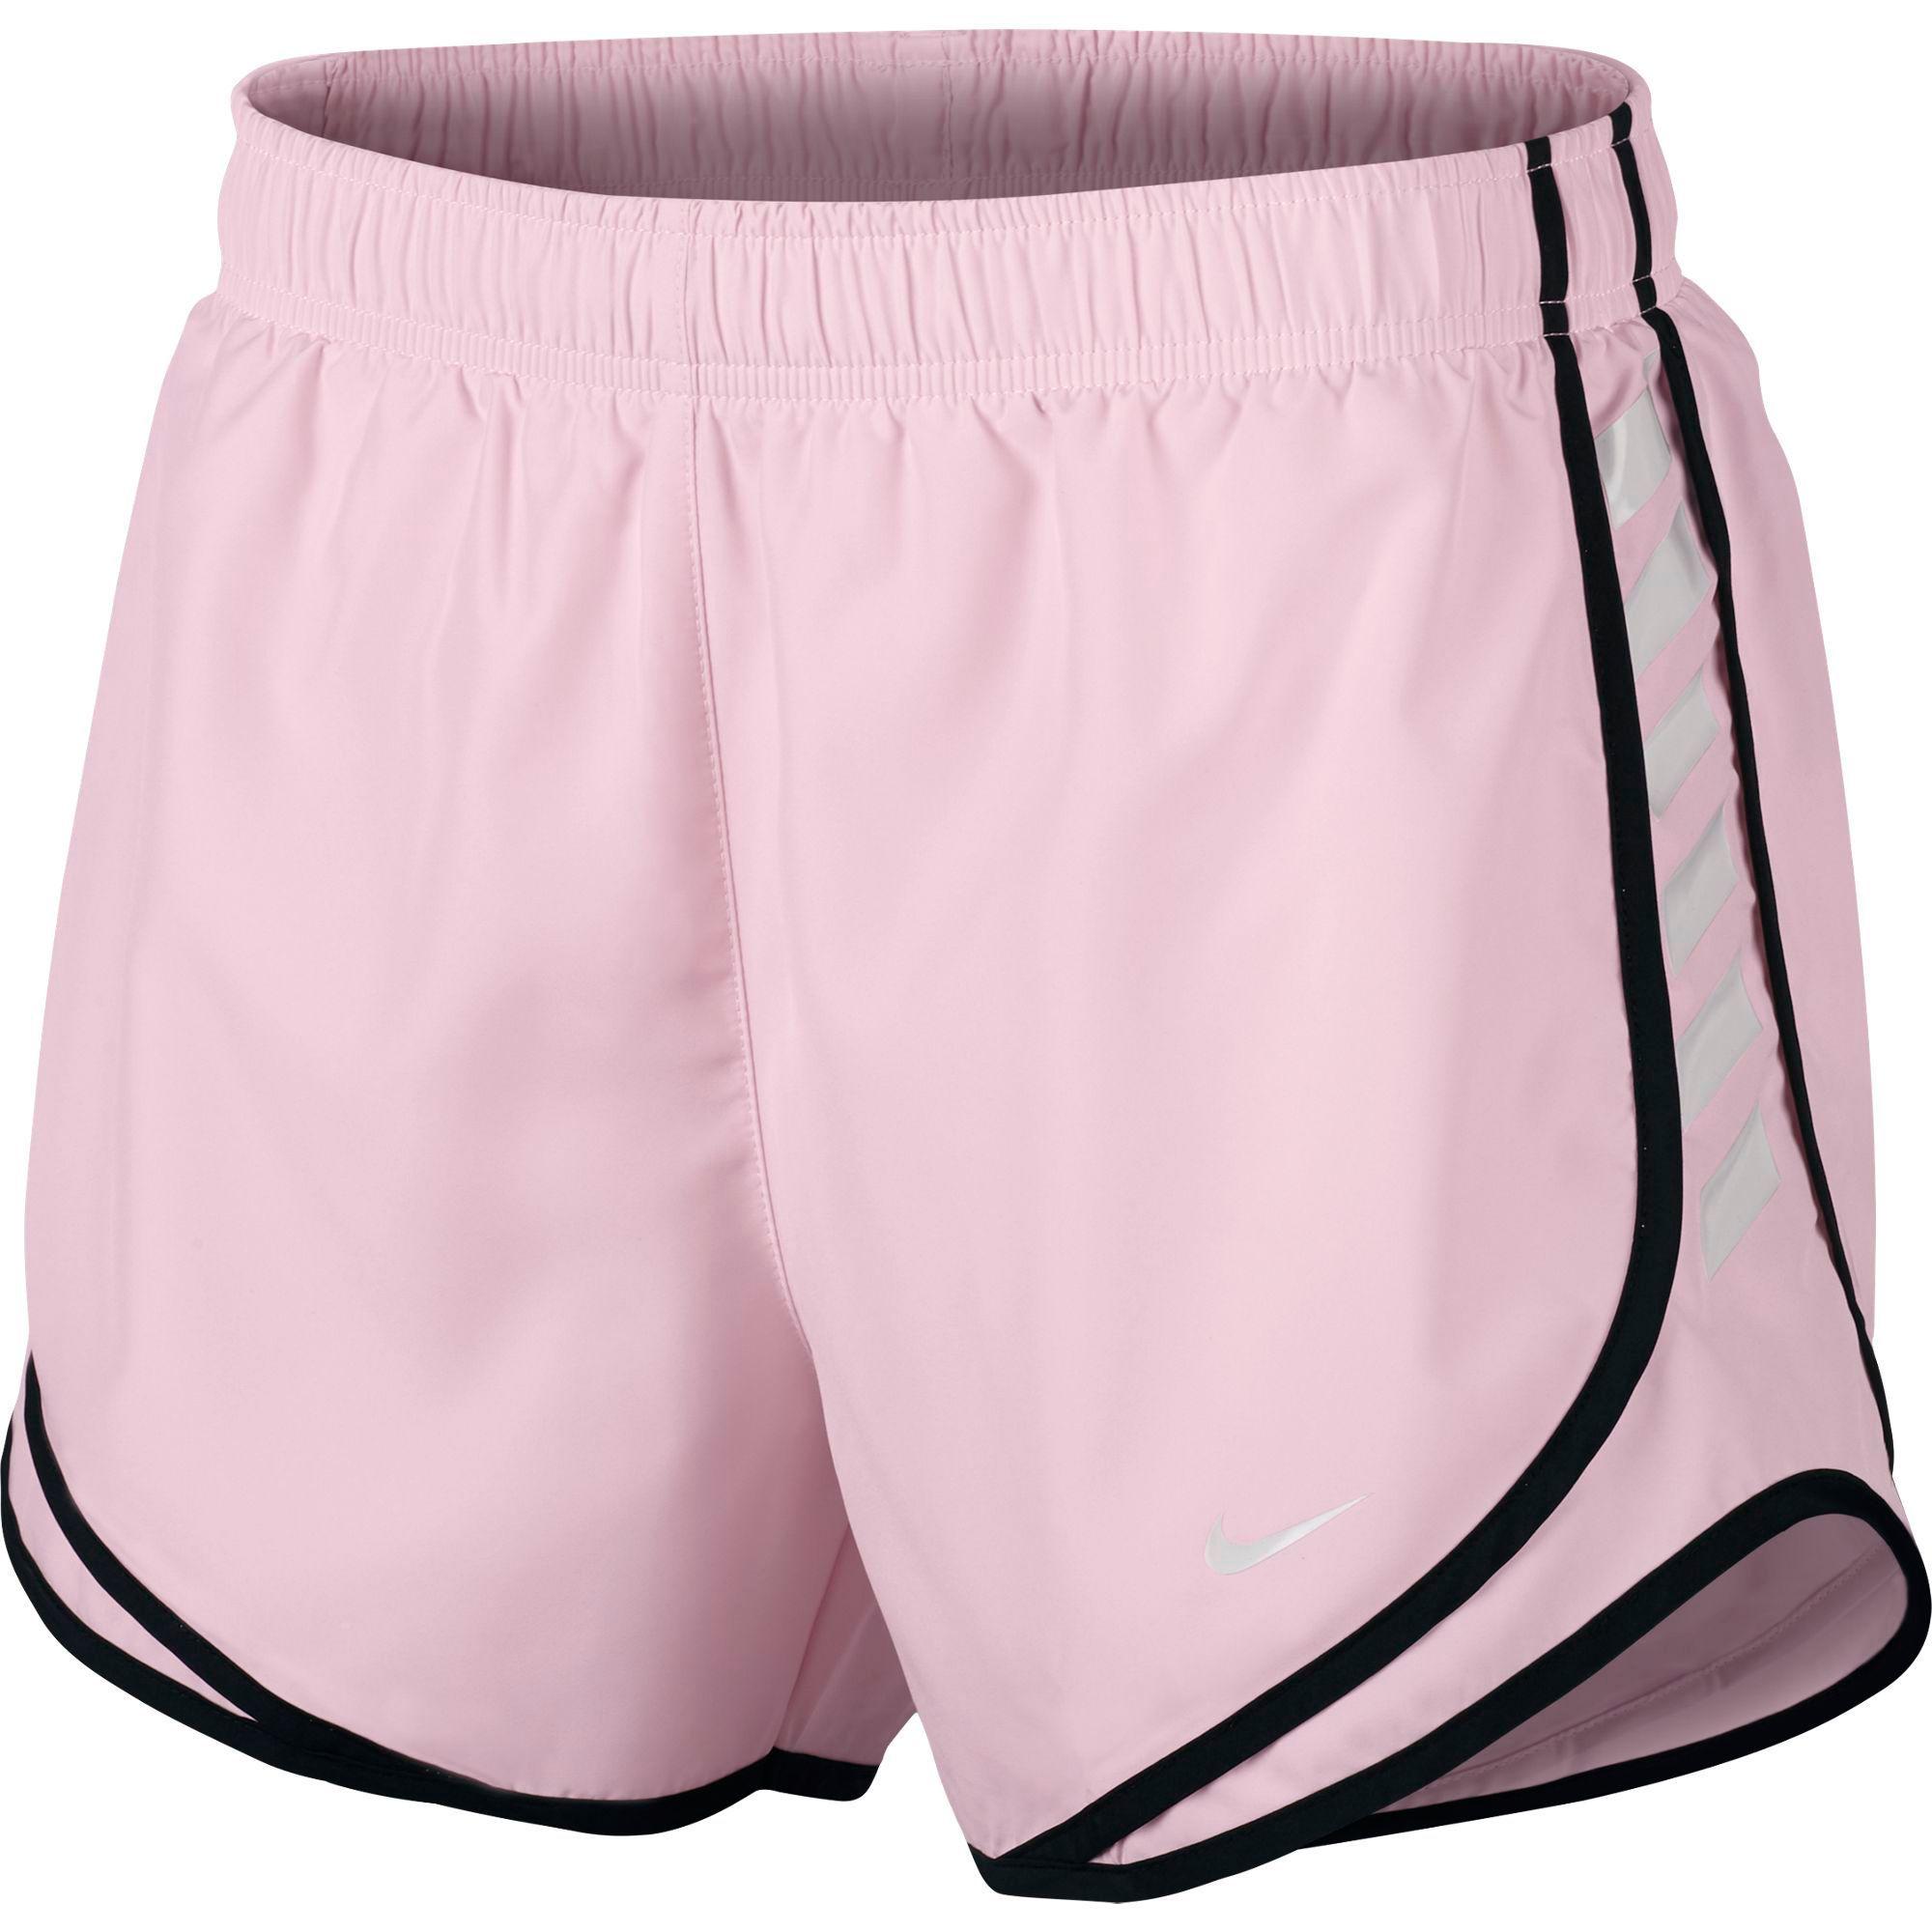 500 LEVEL Tony Dorsett Baby Clothes /& Onesie 3-6, 6-12, 12-18, 18-24 Months - Vintage Dallas Football Baby Clothes Tony Dorsett 33